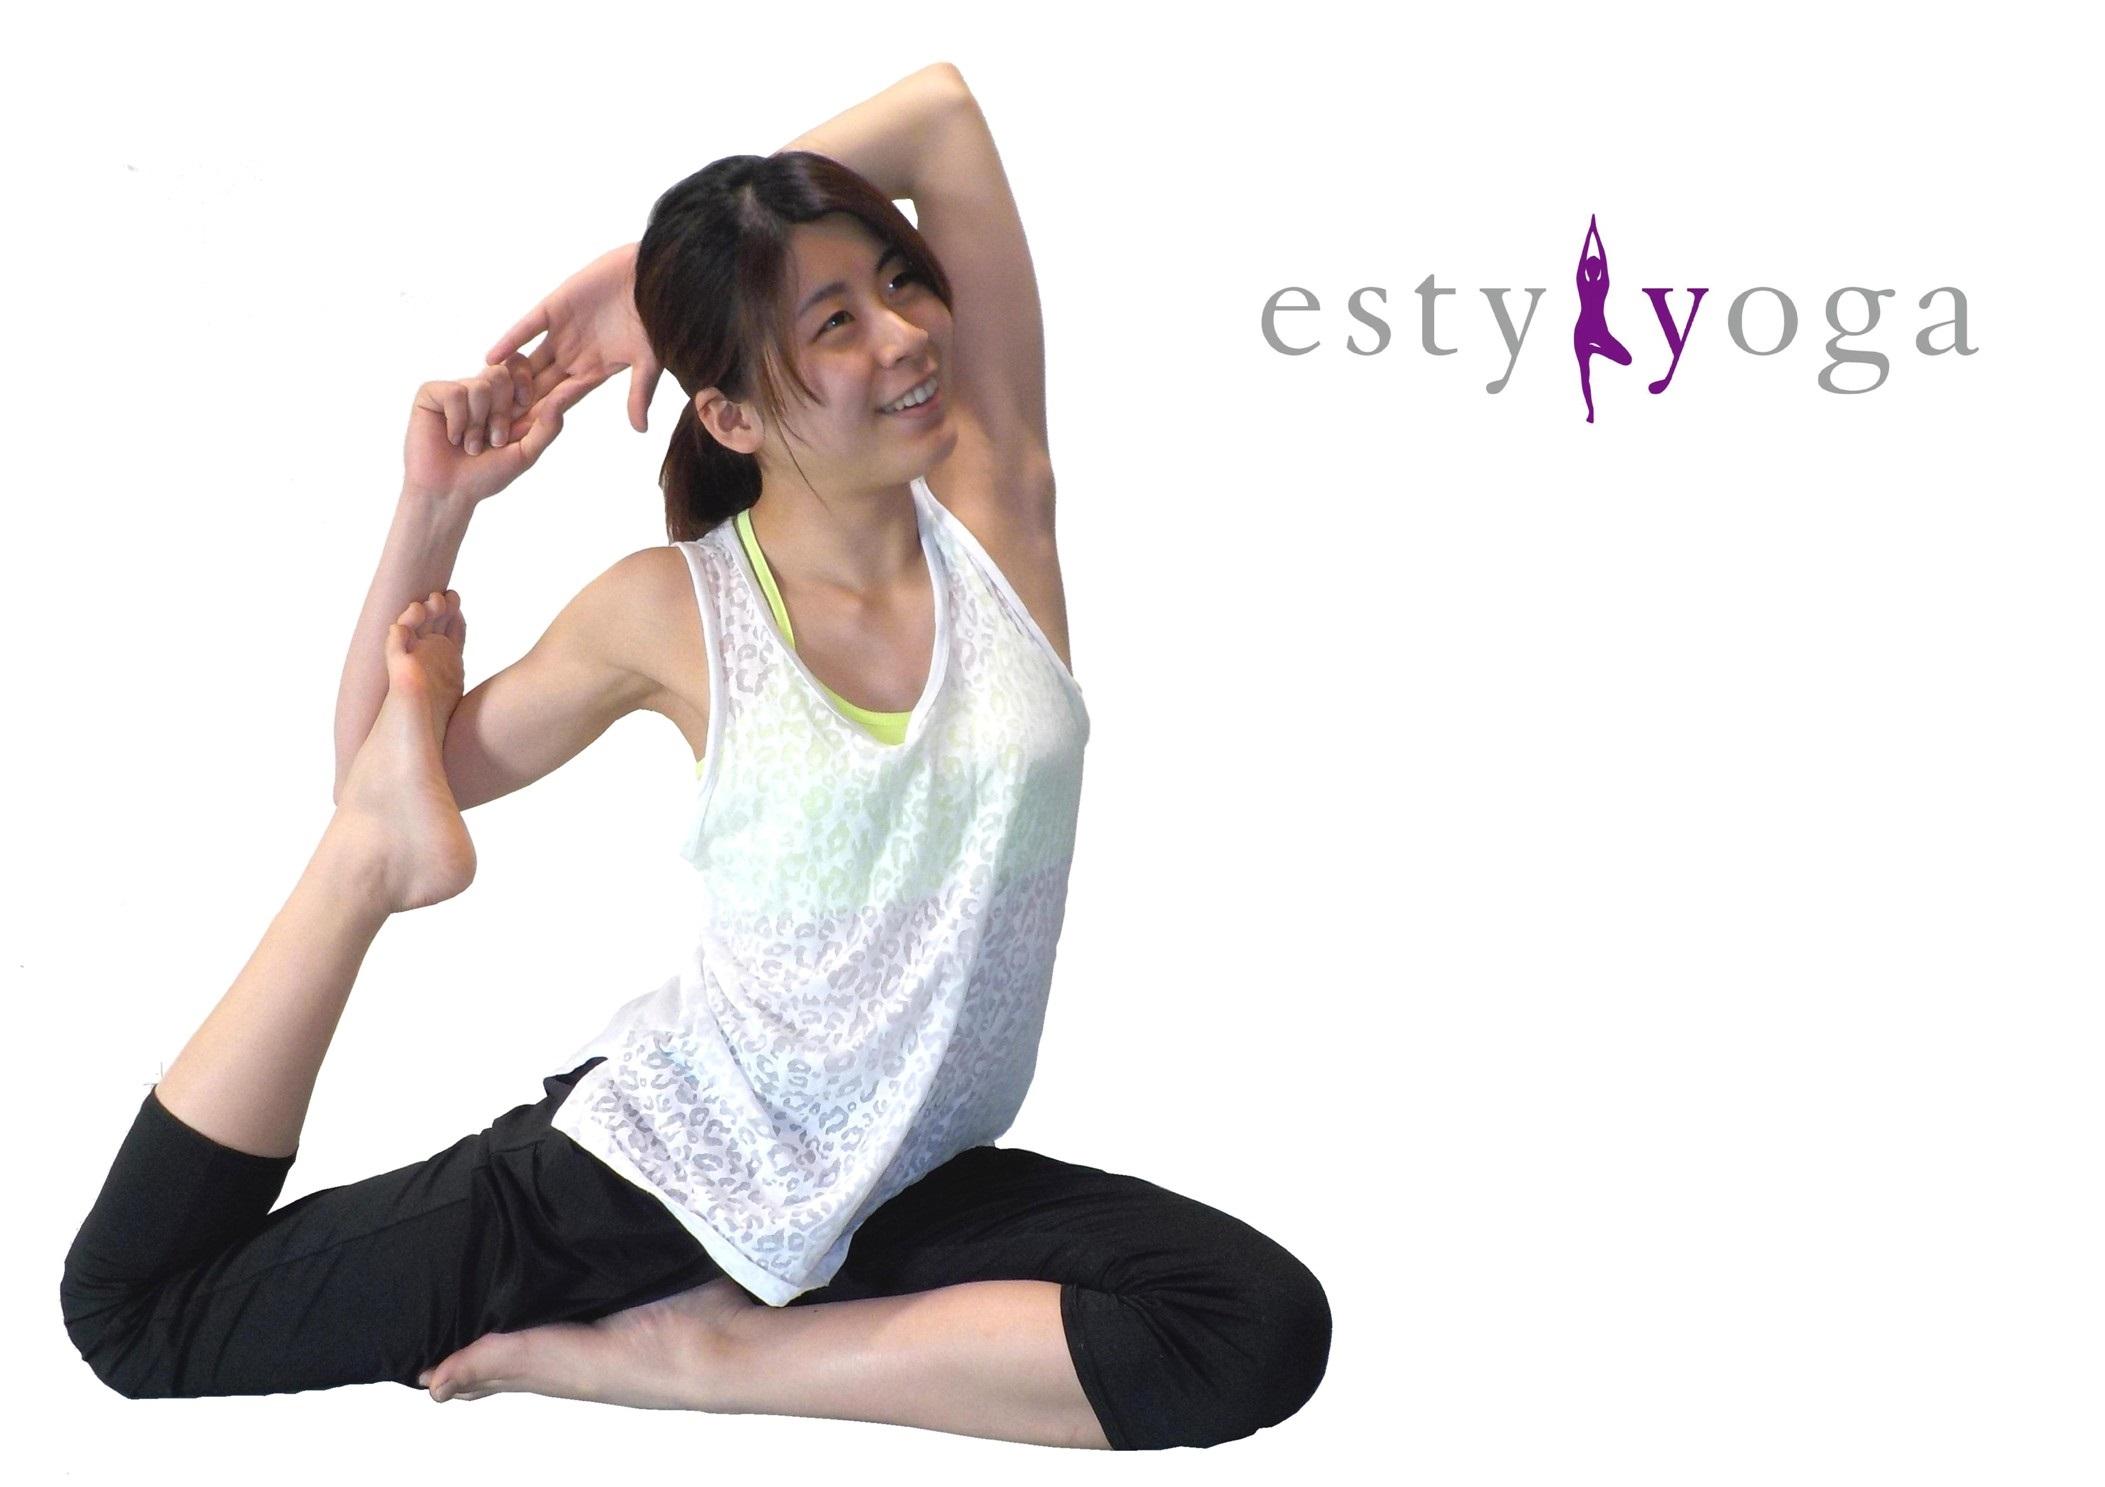 esty yoga(エスティヨガ) - 10周年新春キャンペーン開催中の写真1